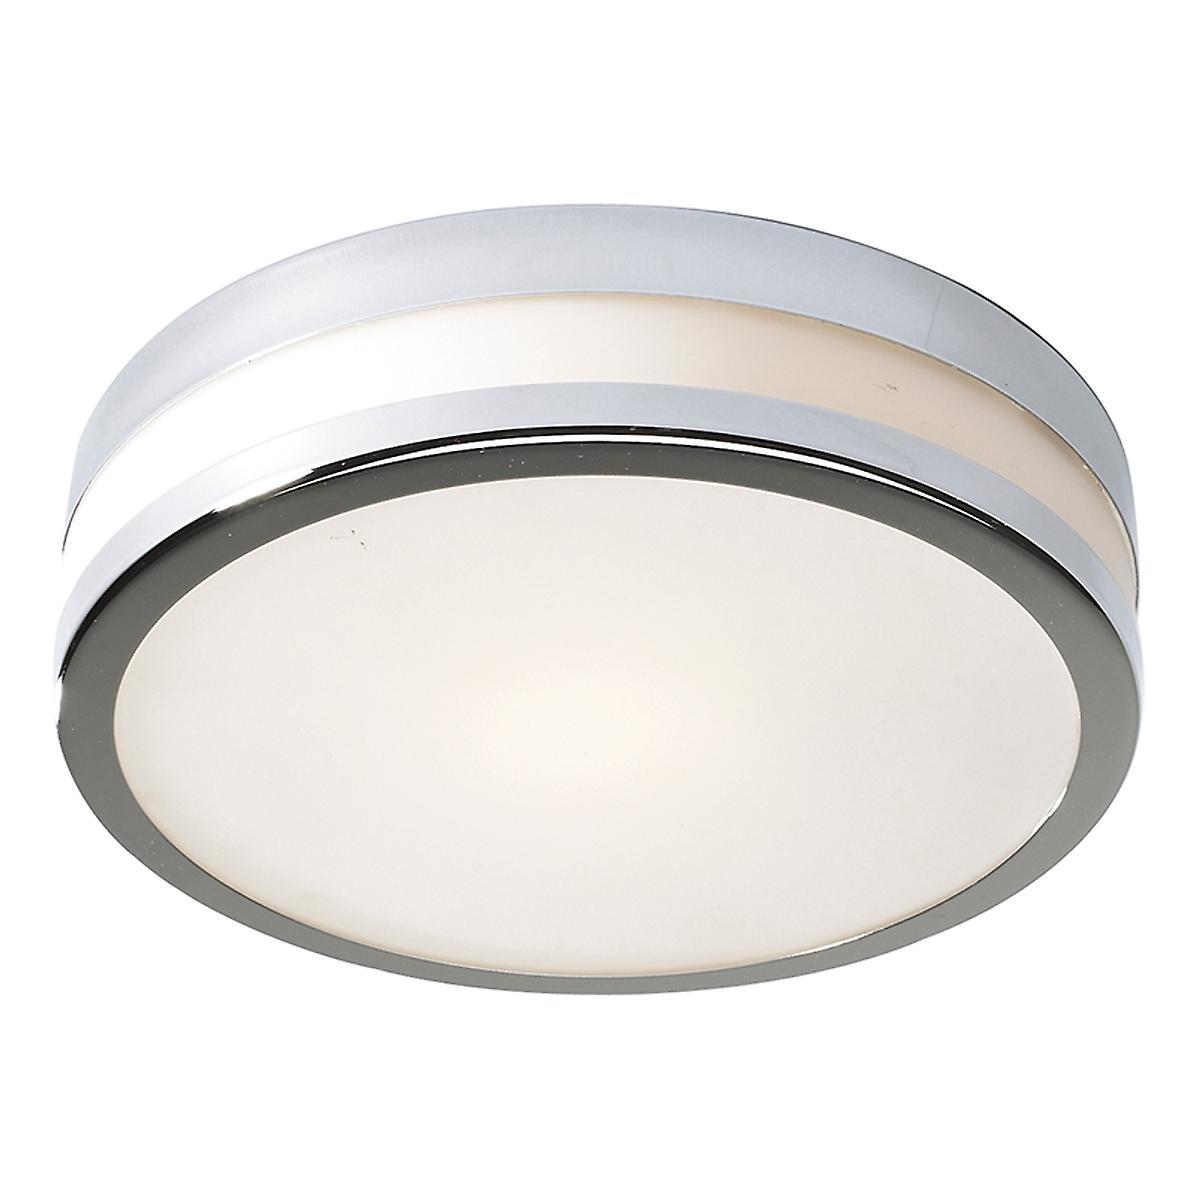 Dar CYR5250 Cyro Modern Chrome Small Bathroom Flush Ceiling Light